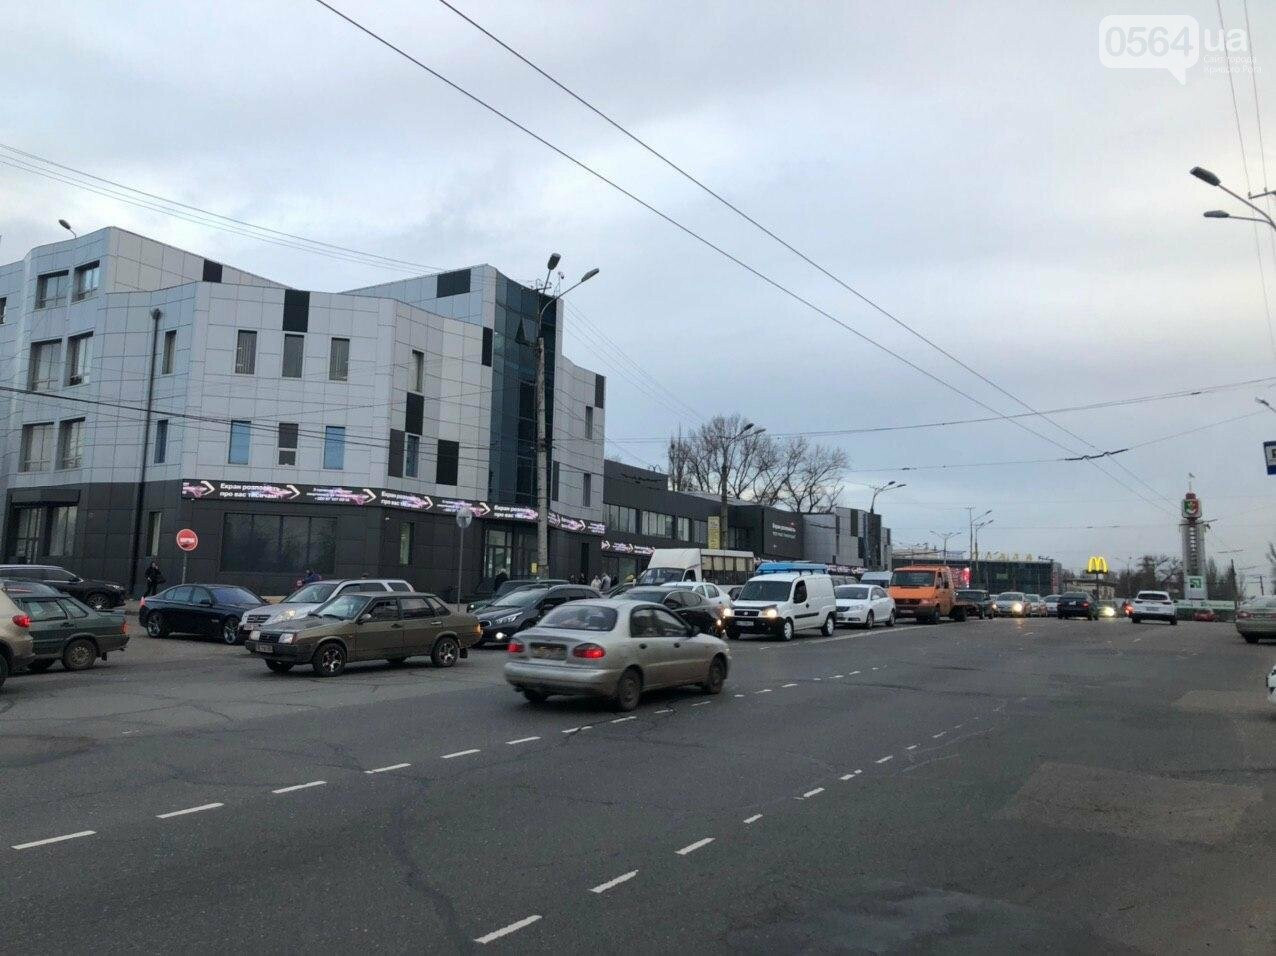 В Кривом Роге столкнулись 4 автомобиля, движение в направлении ул.Волгоградской затруднено, - ФОТО, фото-2